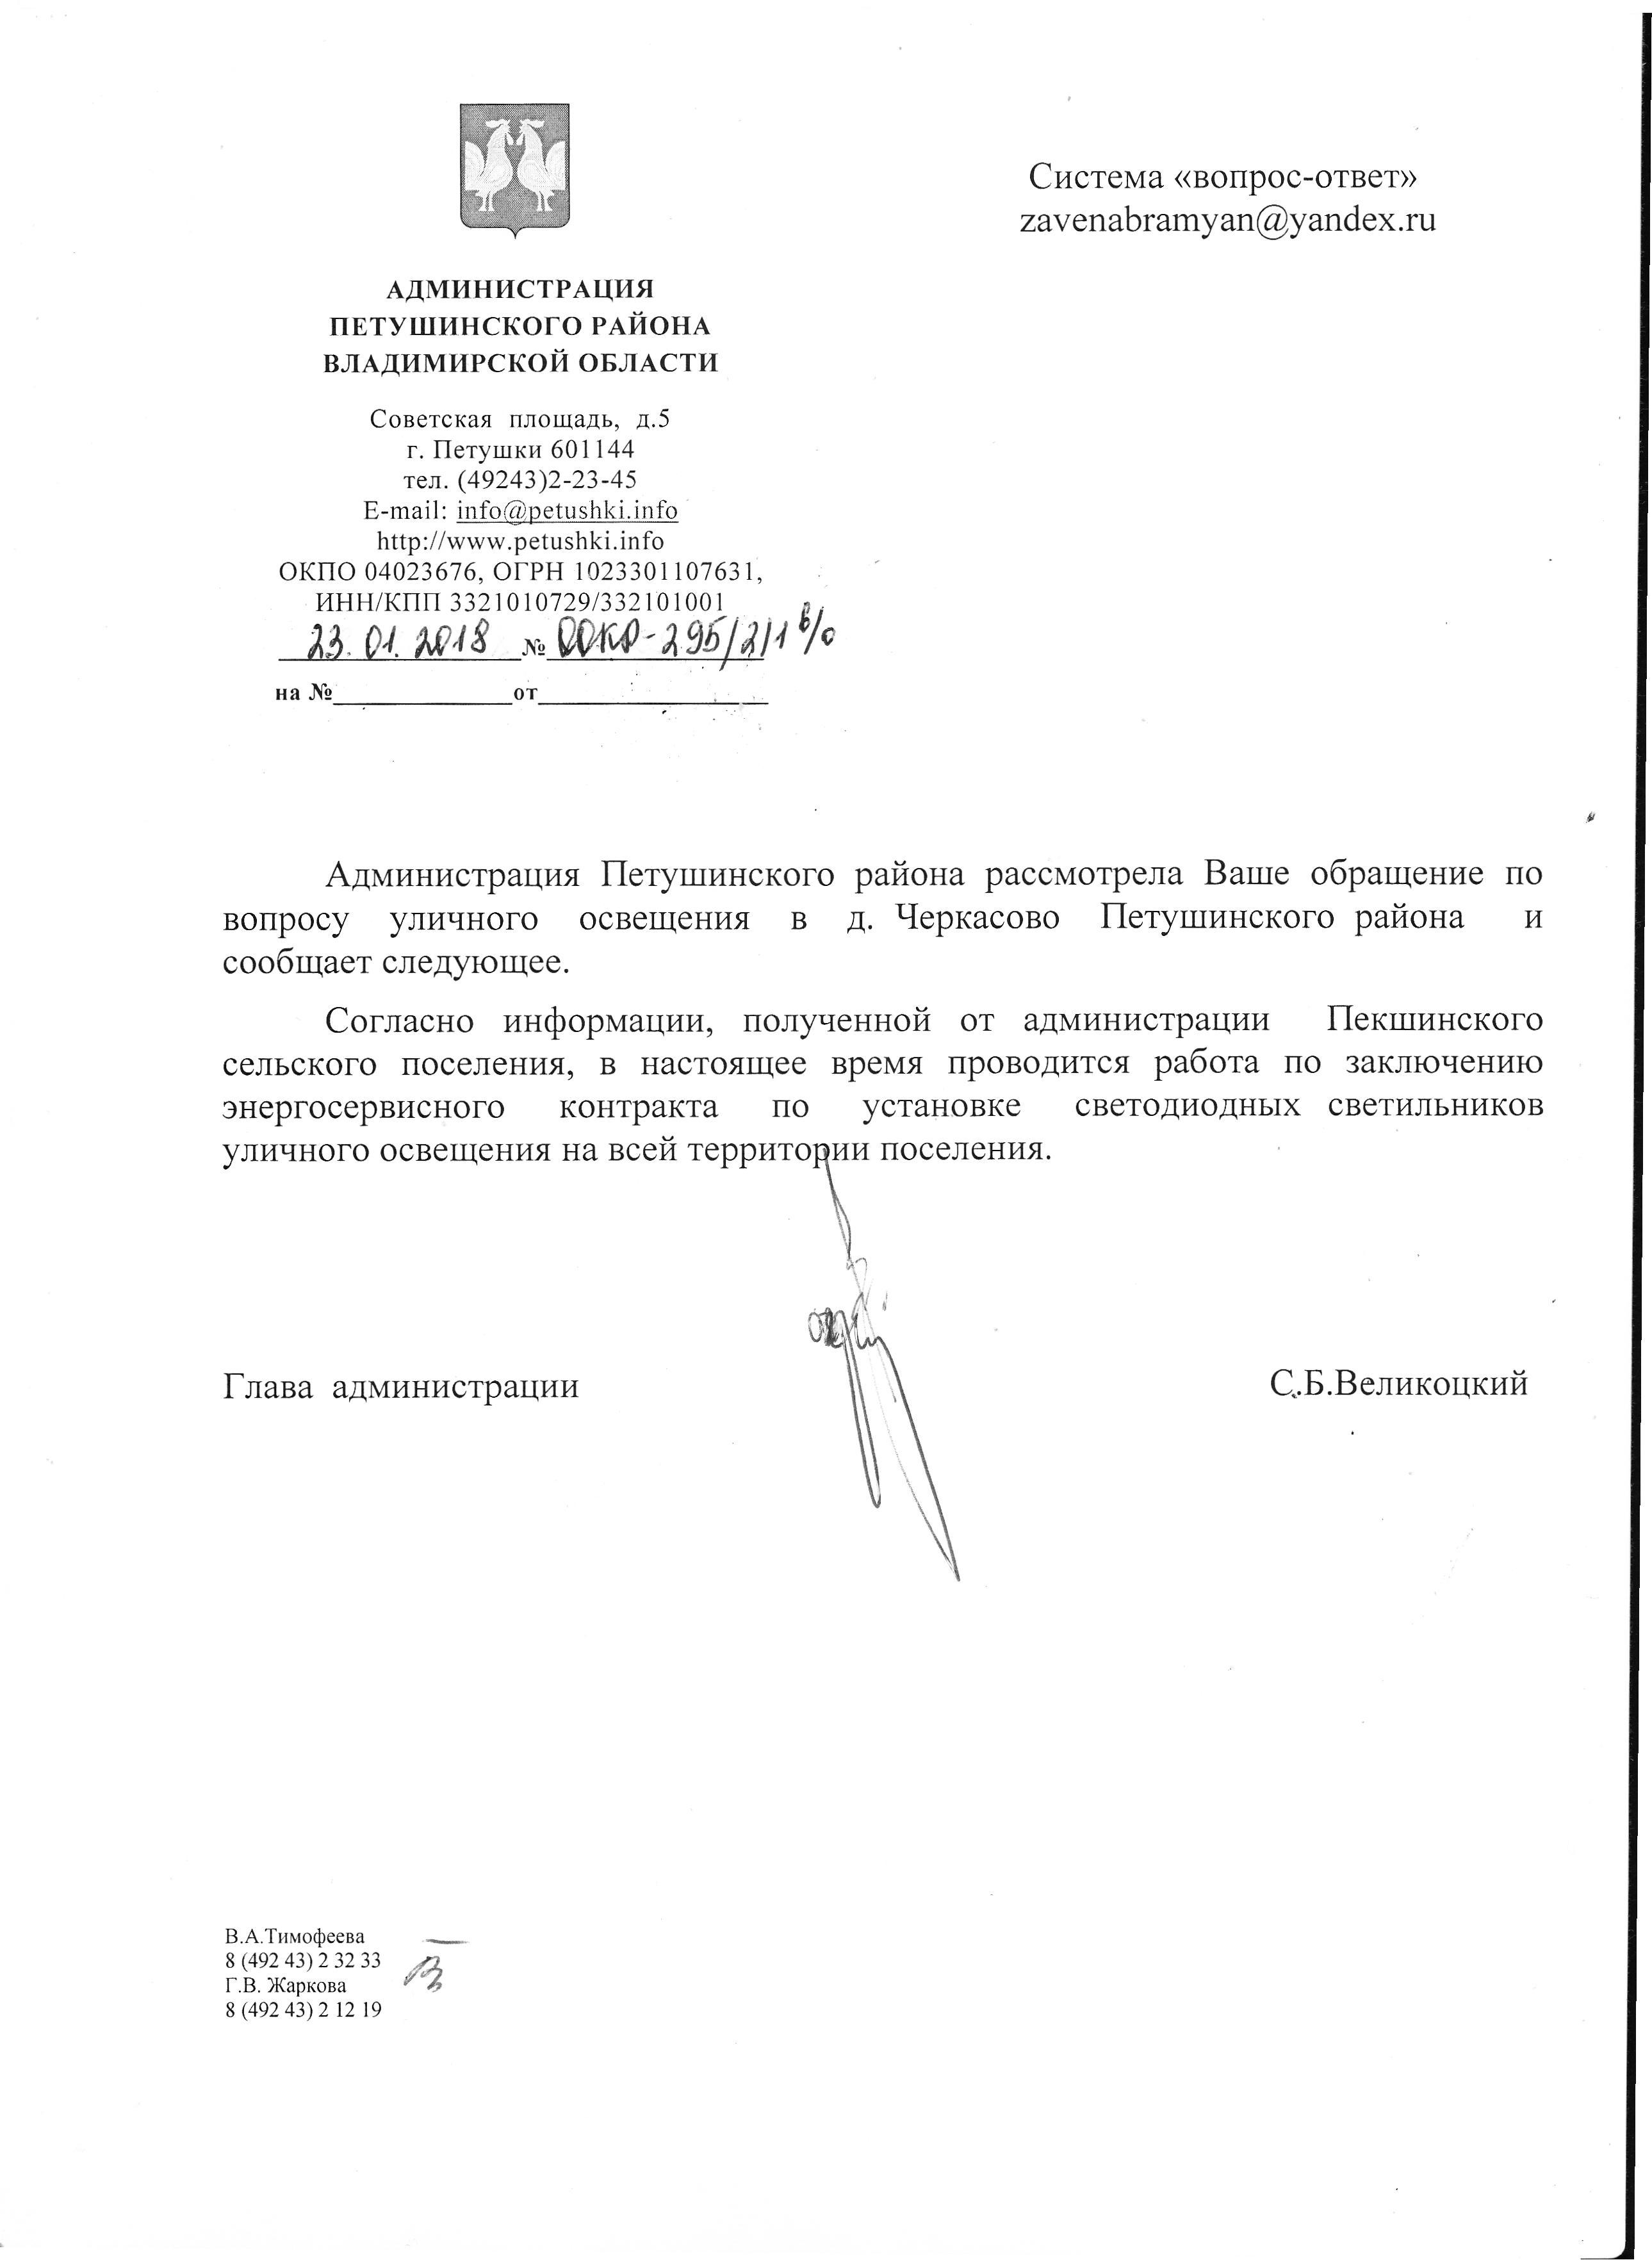 http://vopros-otvet.petushki.info/img/295.jpg